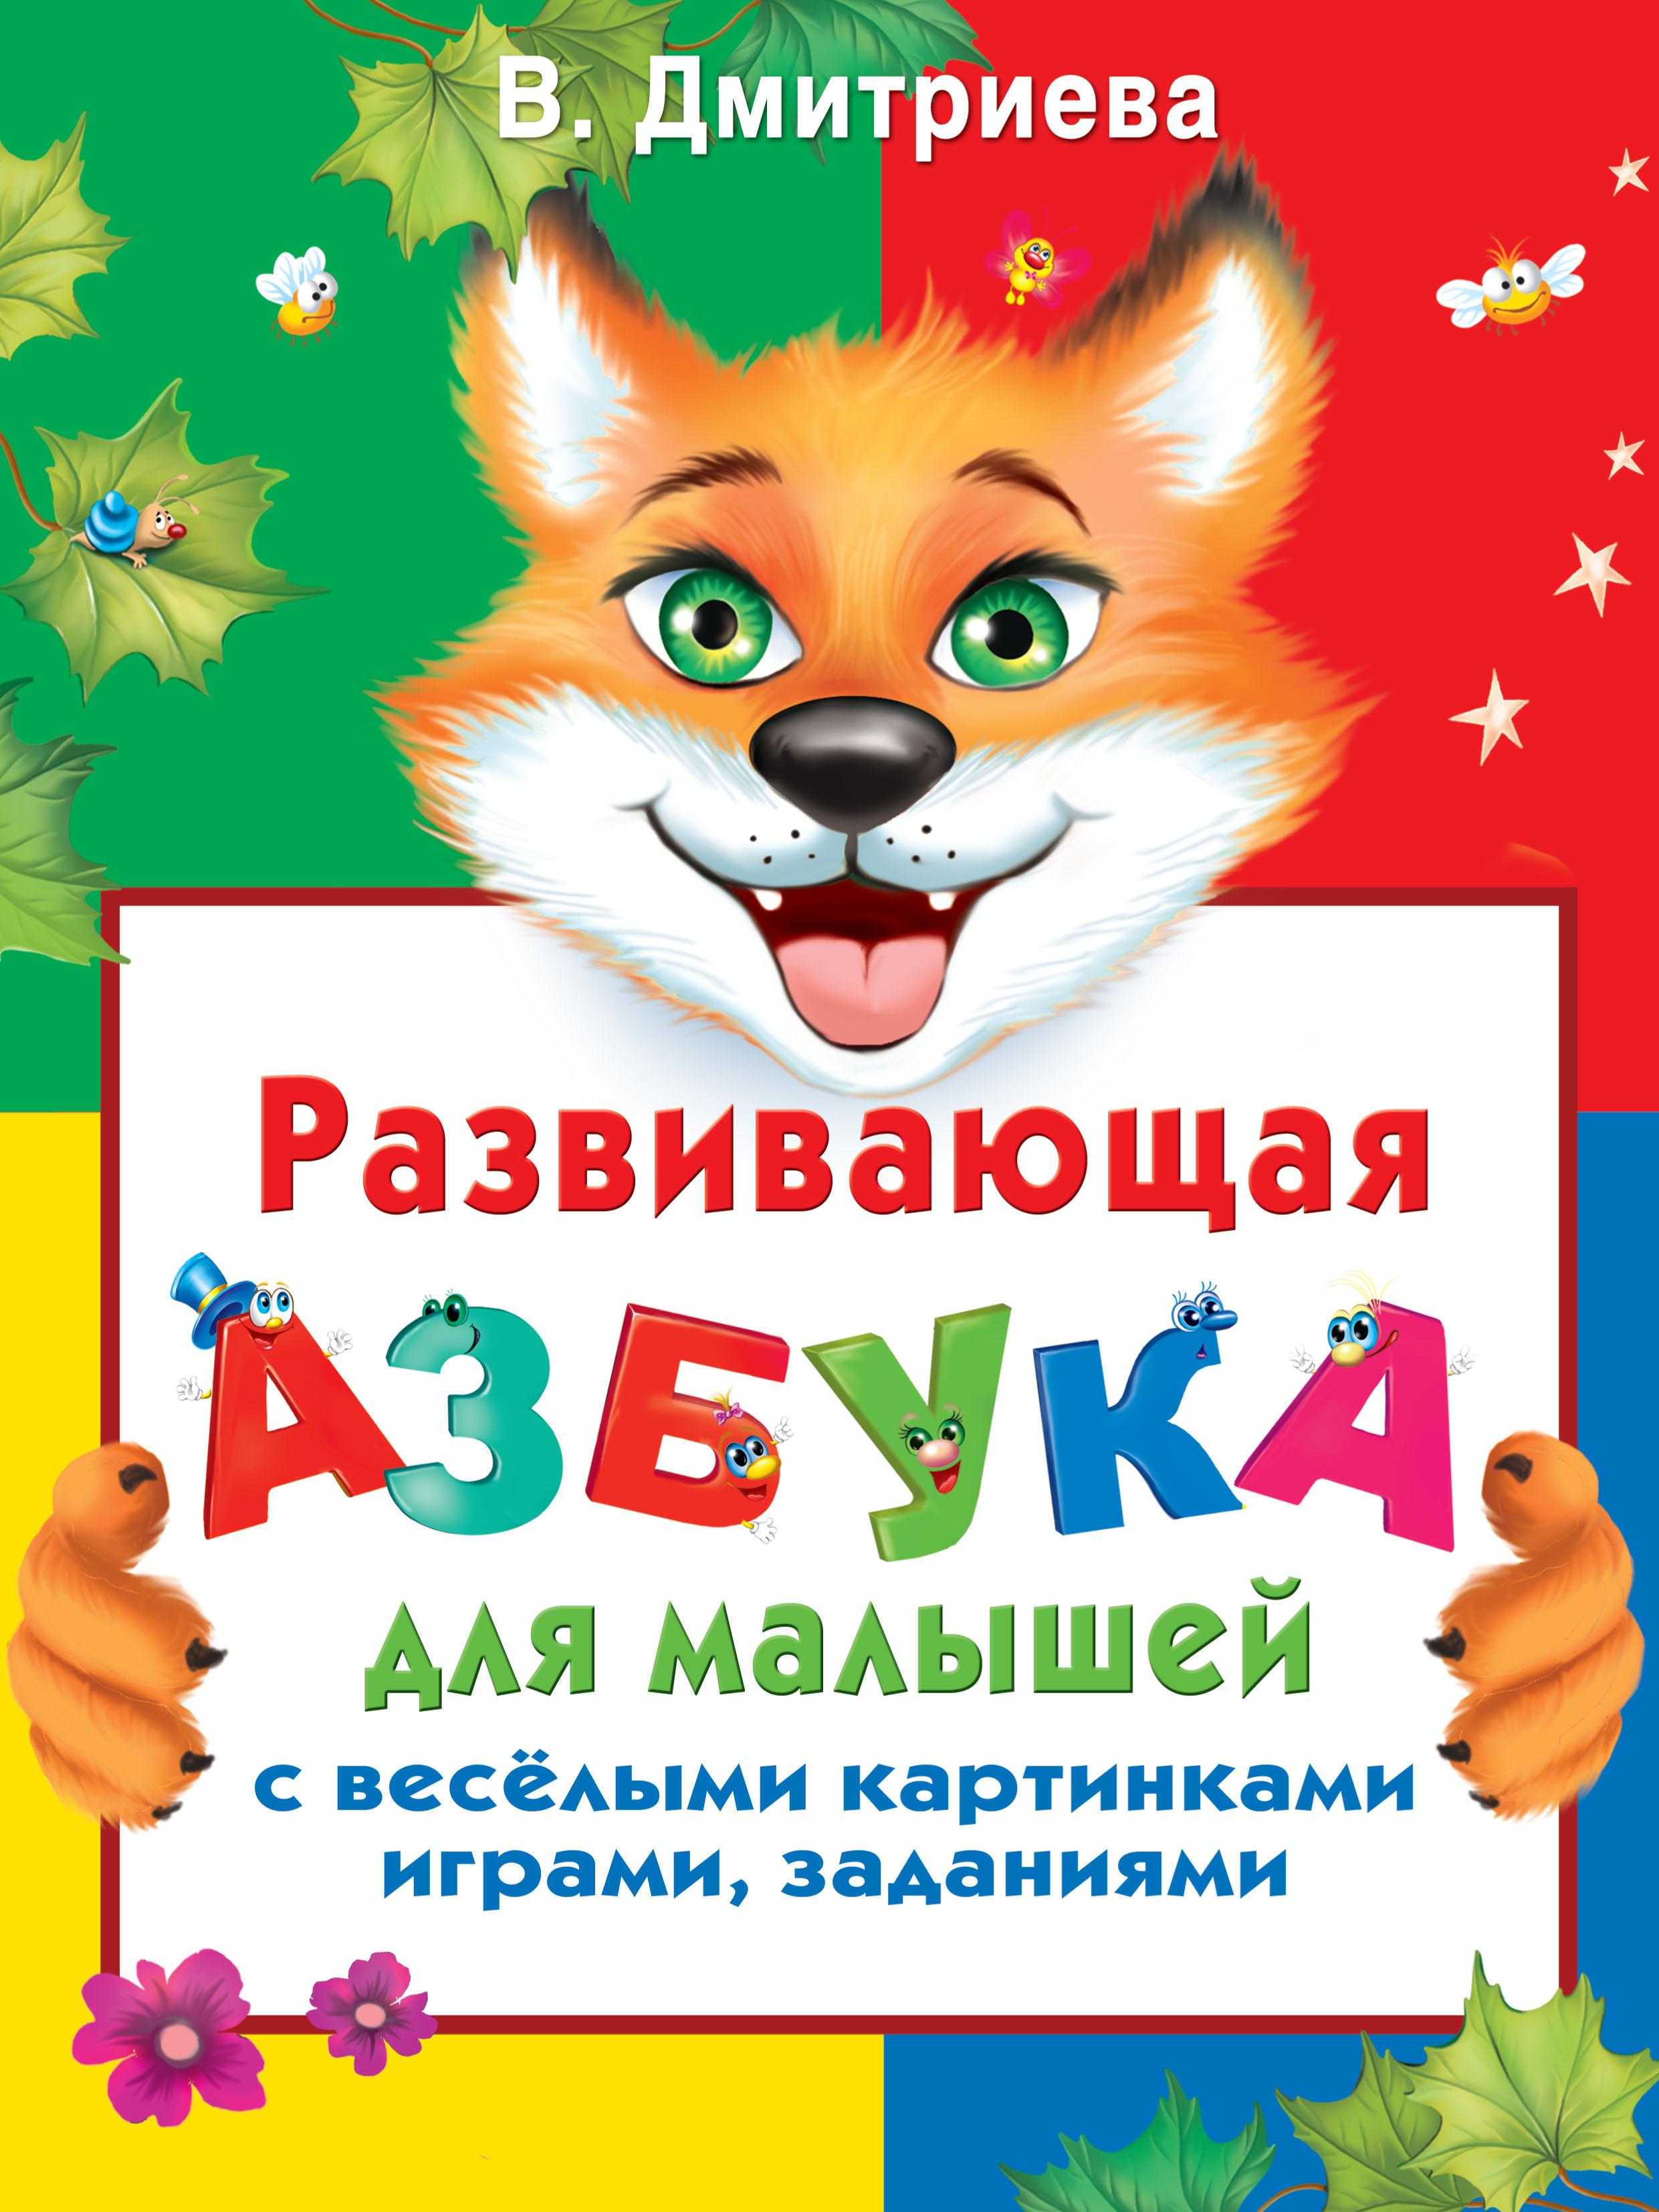 В. Г. Дмитриева Развивающая азбука для малышей с веселыми картинками, играми, заданиями шумилин в христианская азбука раскраска с играми и заданиями для малышей